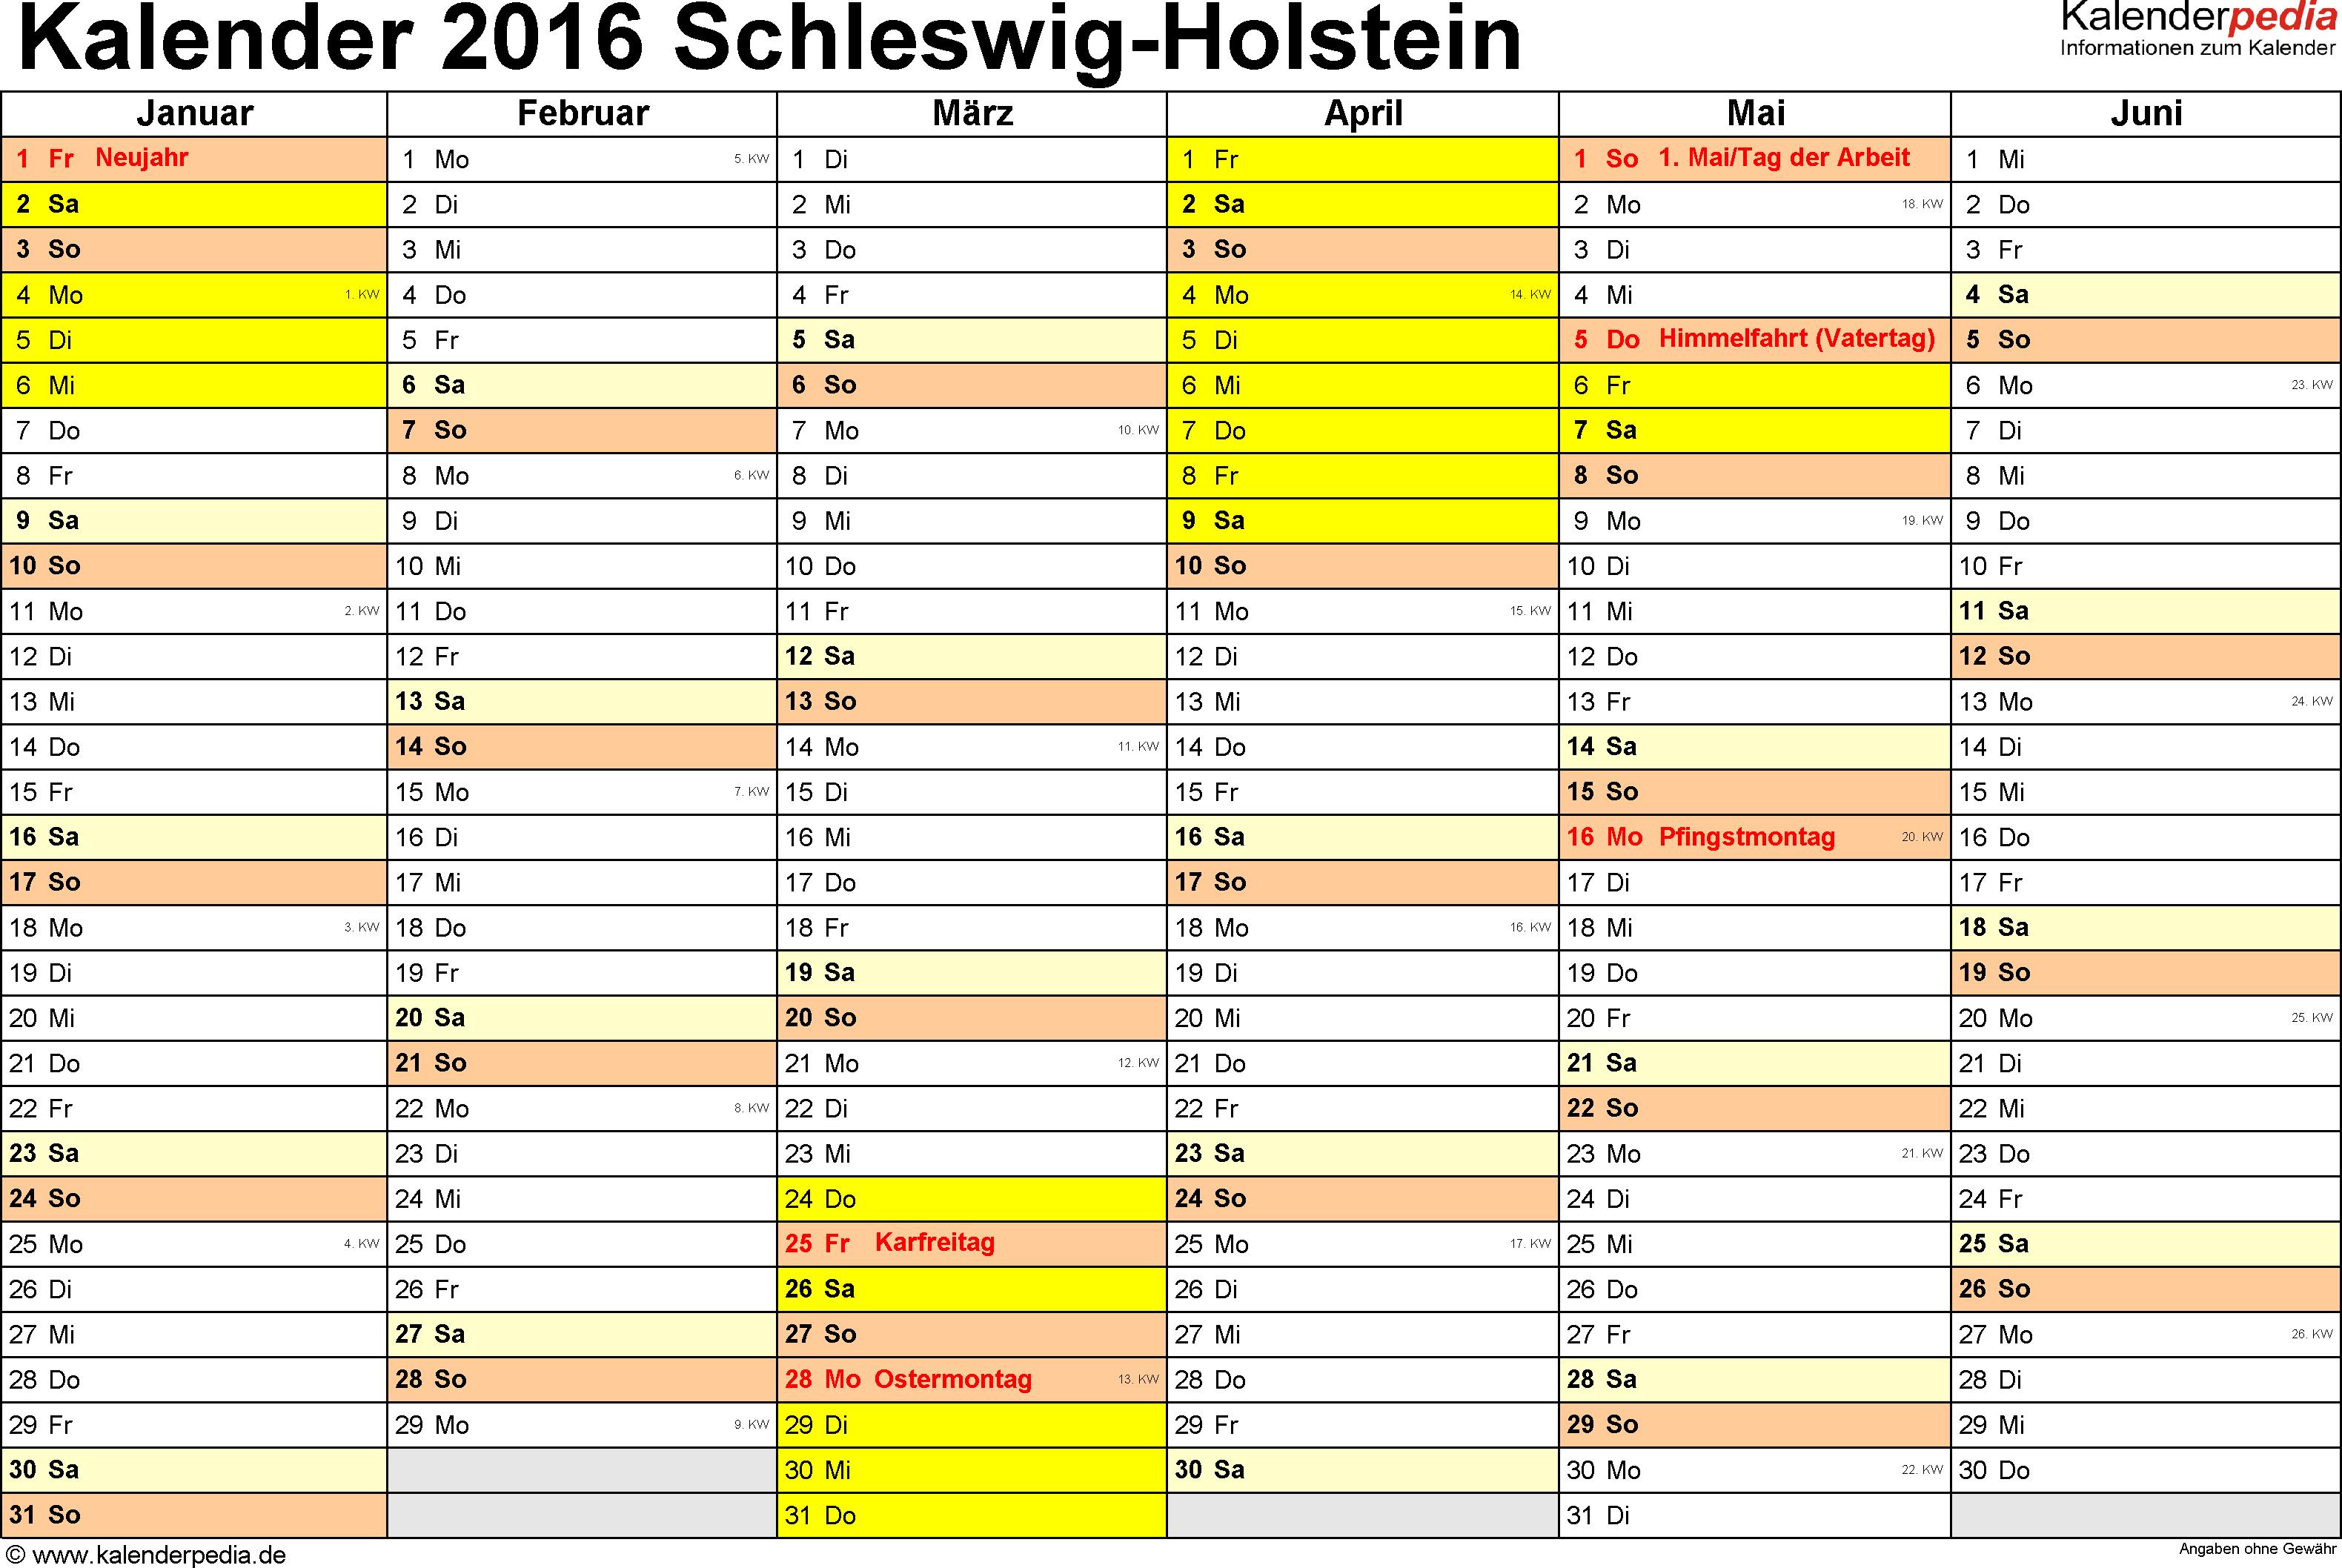 Vorlage 2: Kalender 2016 für Schleswig-Holstein als PDF-Vorlagen (Querformat, 2 Seiten)